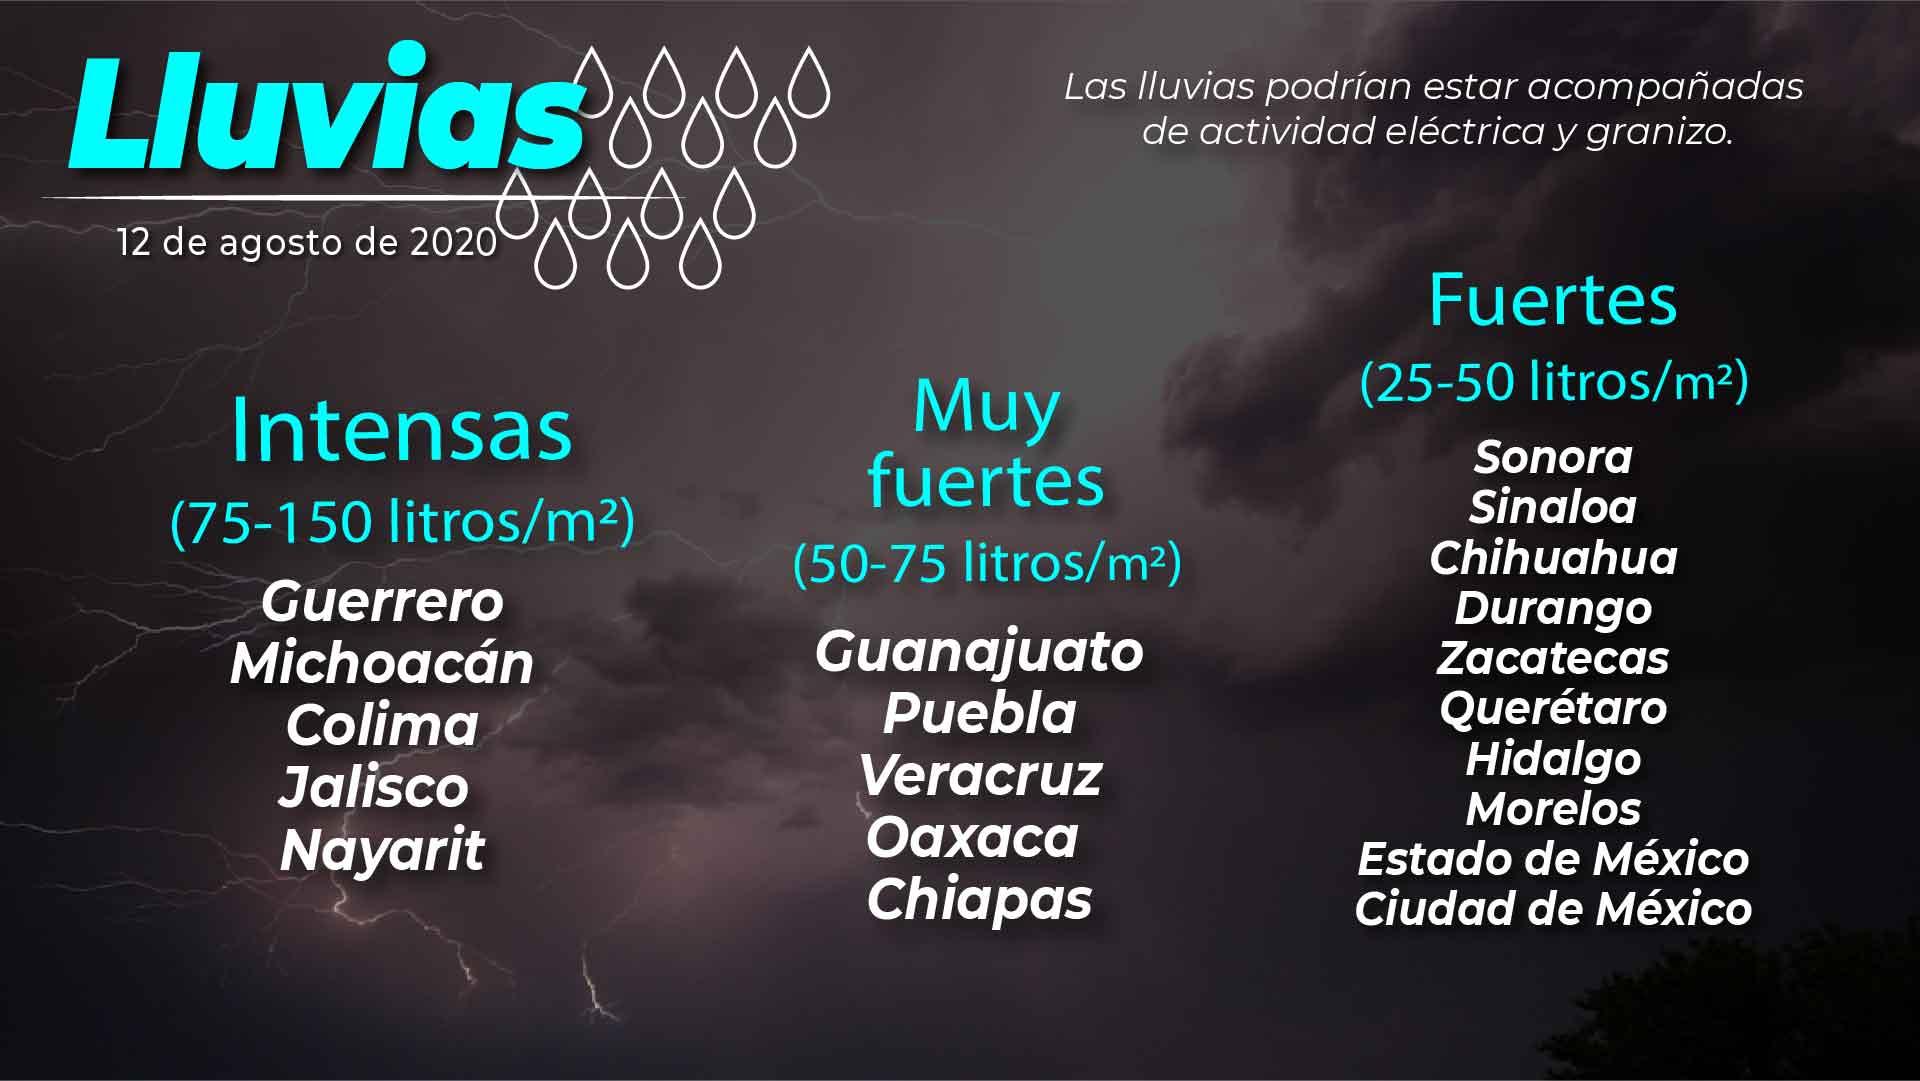 Continuarán las lluvias moderadas para Tlaxcala el dia de hoy miércoles